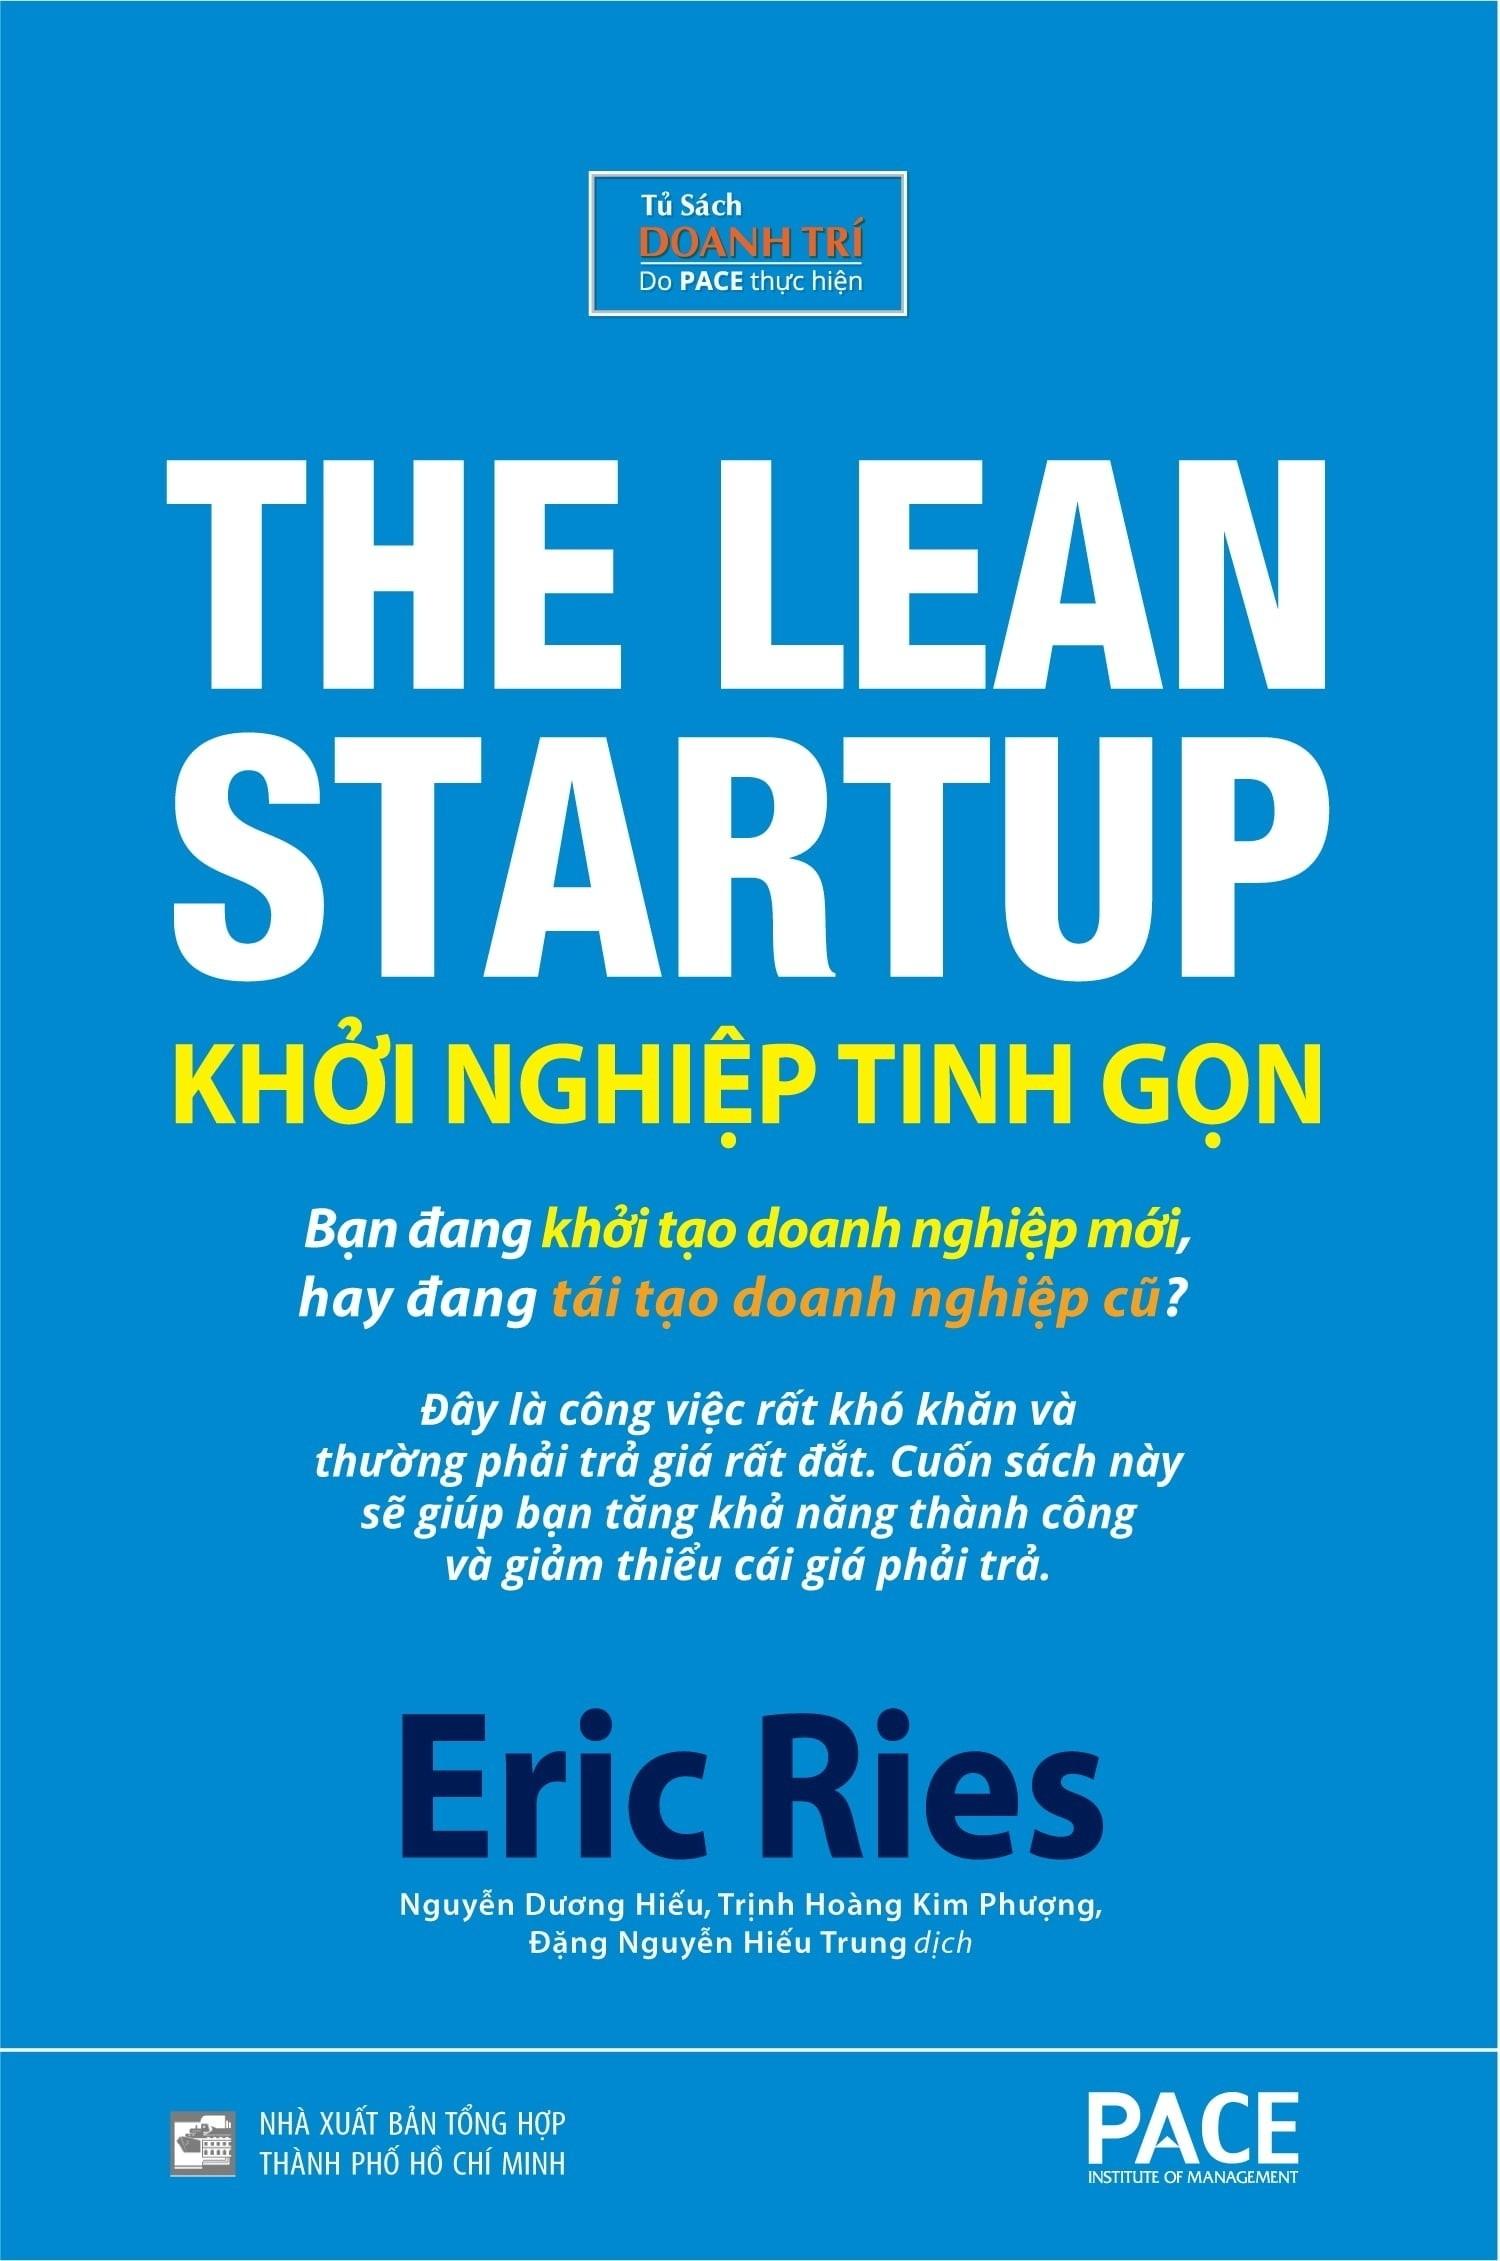 Sách hay về kinh doanh khởi nghiệp